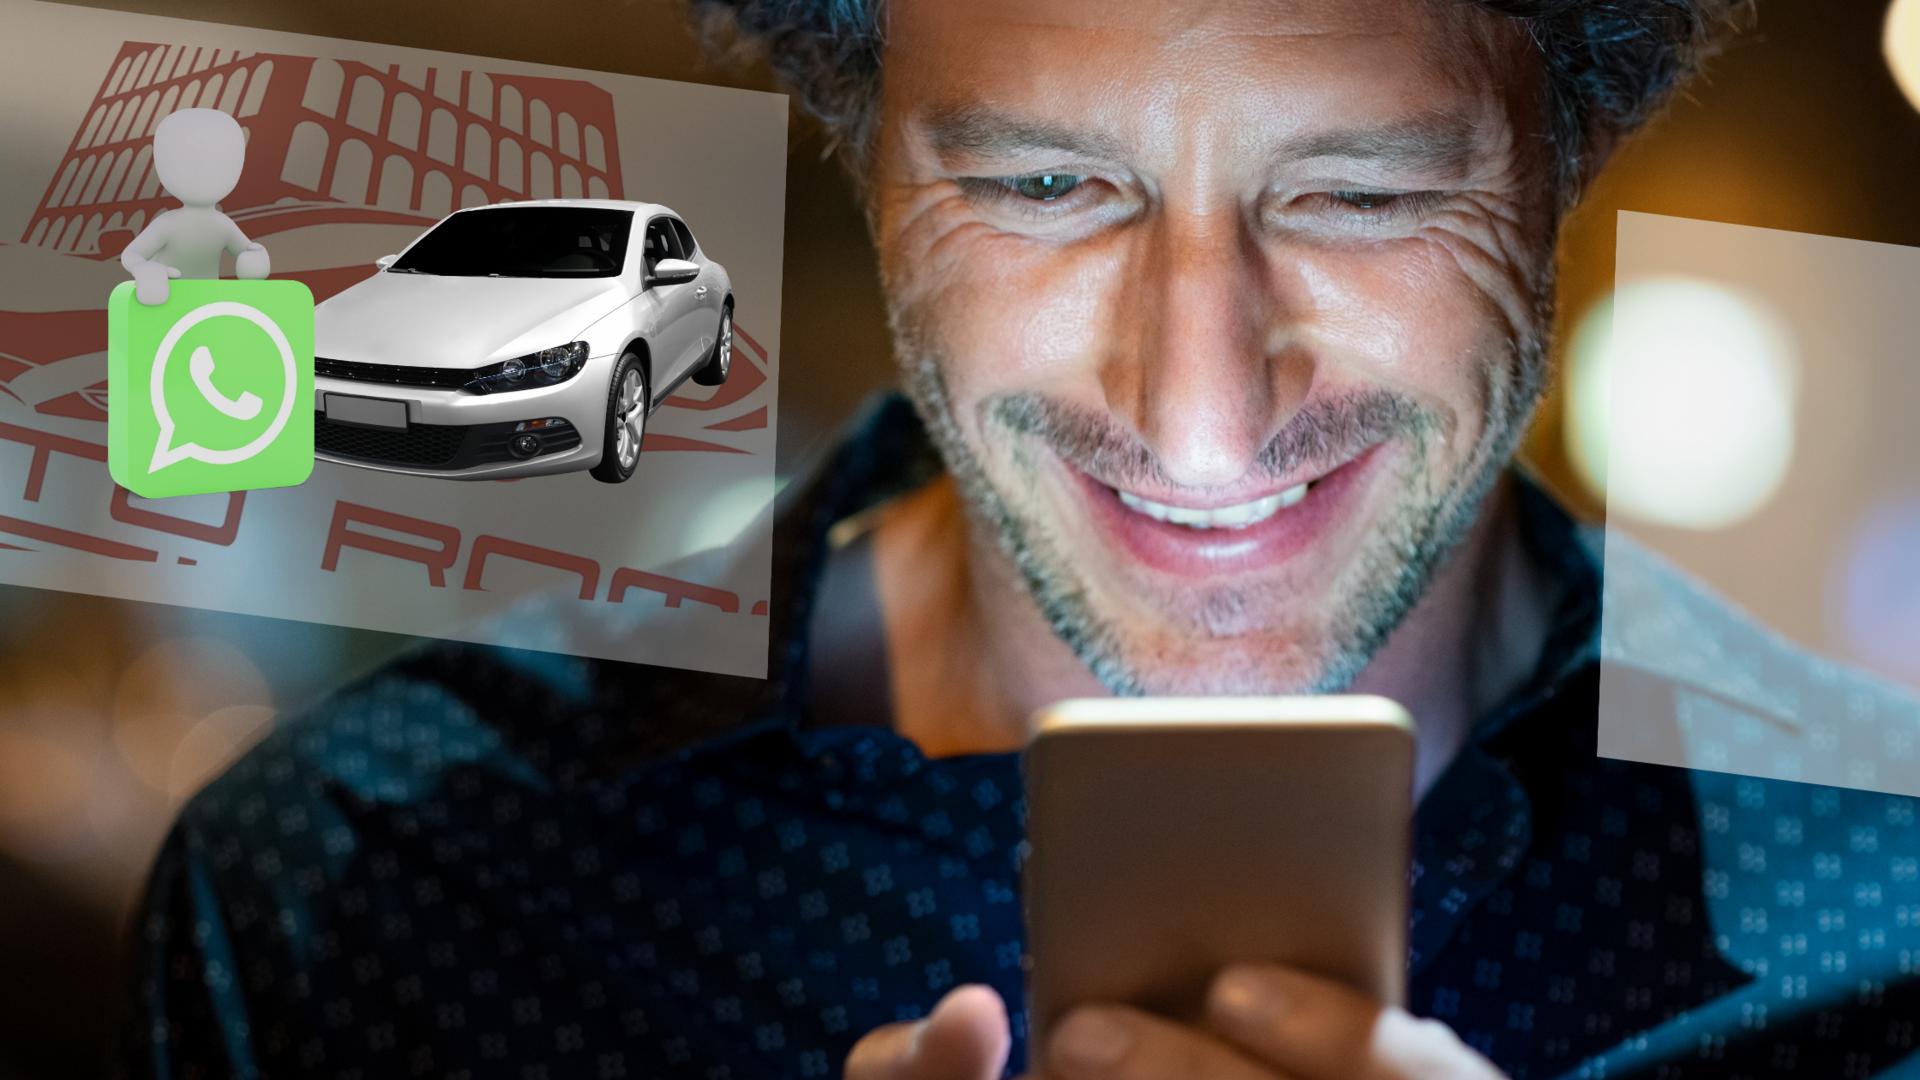 servizio di videochiamata esclusivo per consulenza con esperto di automobili